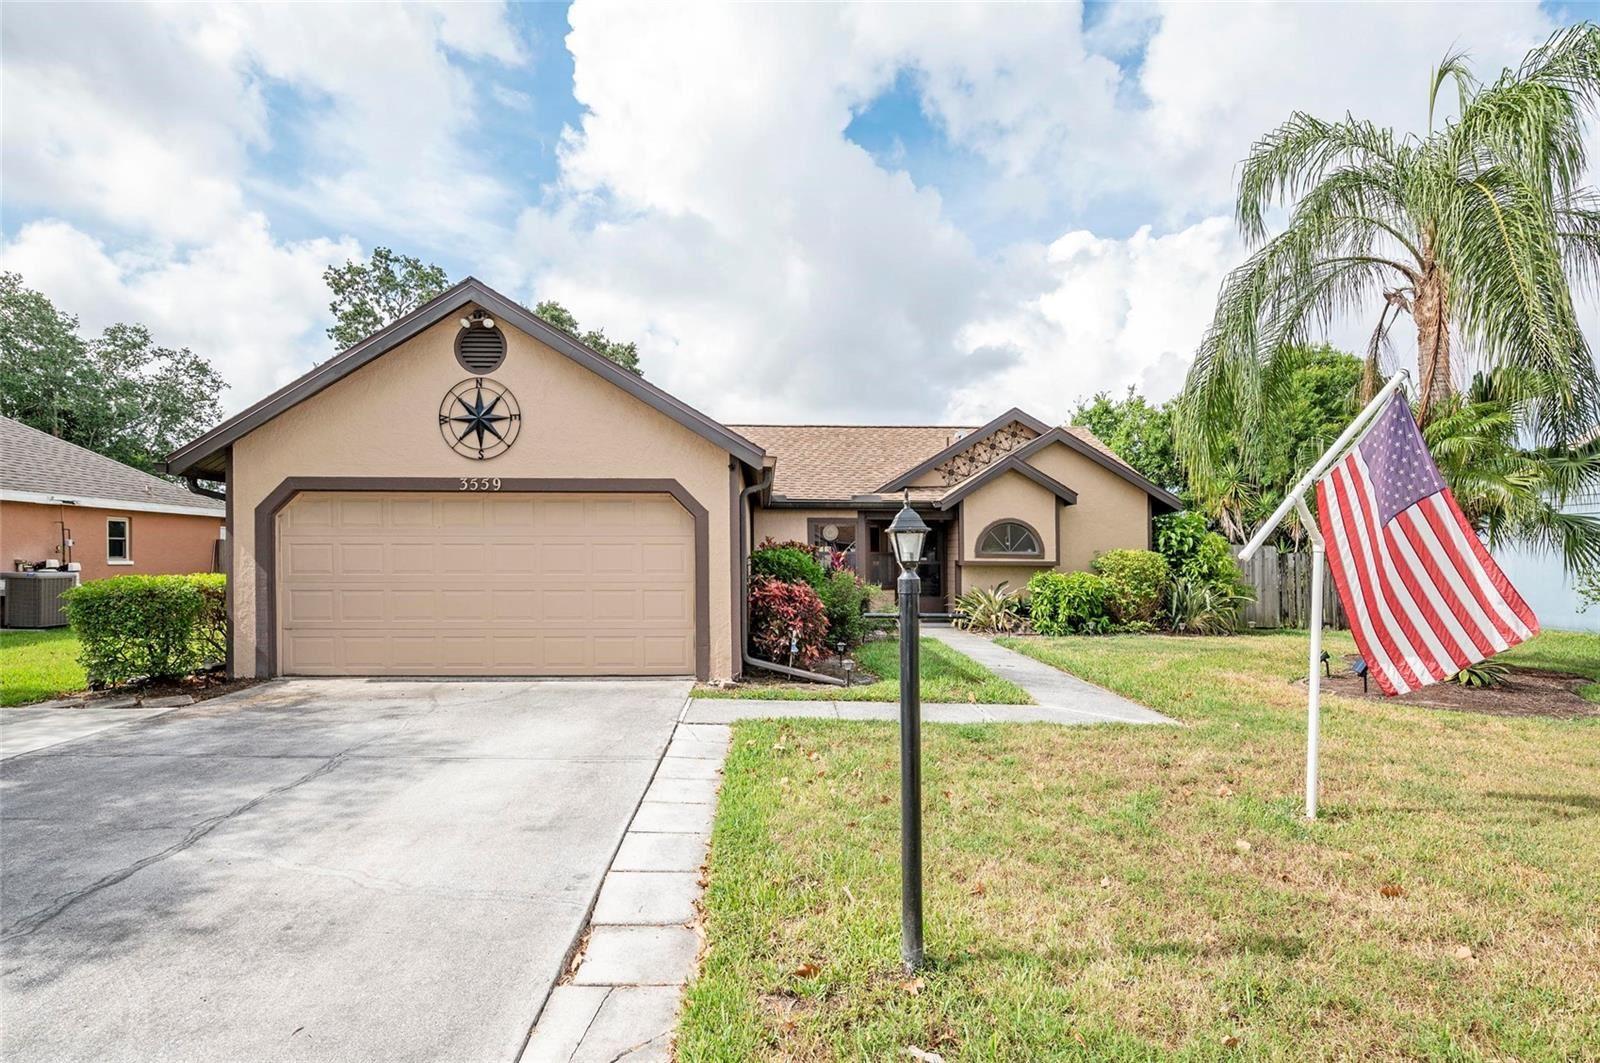 3559 65TH AVENUE CIRCLE E, Sarasota, FL 34243 - #: A4503613